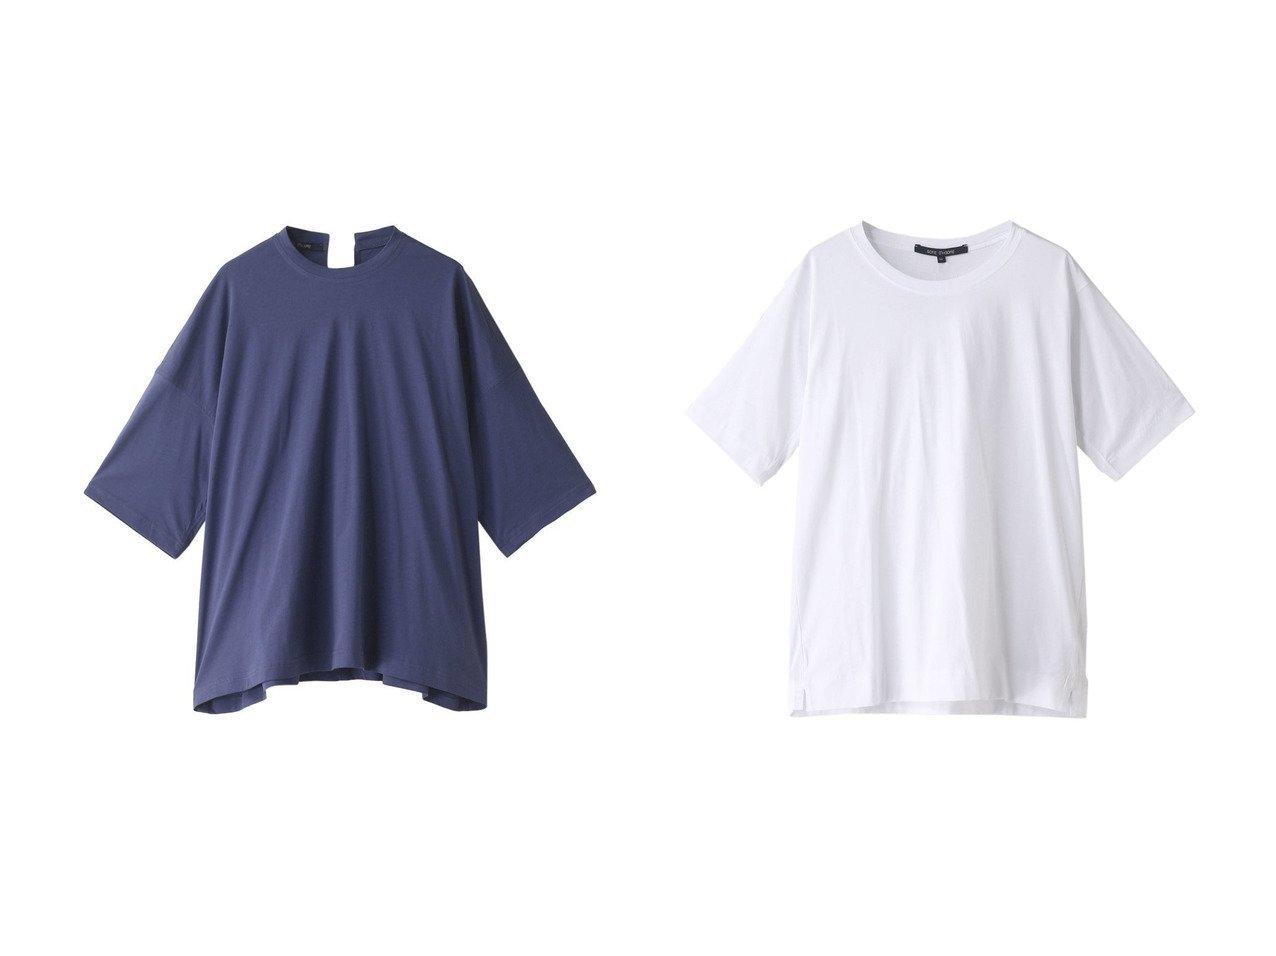 【heliopole/エリオポール】の【SOFIE D HOORE】BIGTシャツ&【SOFIE D HOORE】BASIC Tシャツ 【トップス・カットソー】おすすめ!人気、トレンド・レディースファッションの通販 おすすめで人気の流行・トレンド、ファッションの通販商品 メンズファッション・キッズファッション・インテリア・家具・レディースファッション・服の通販 founy(ファニー) https://founy.com/ ファッション Fashion レディースファッション WOMEN トップス・カットソー Tops/Tshirt シャツ/ブラウス Shirts/Blouses ロング / Tシャツ T-Shirts カットソー Cut and Sewn ショート シンプル スリーブ 半袖 |ID:crp329100000033760